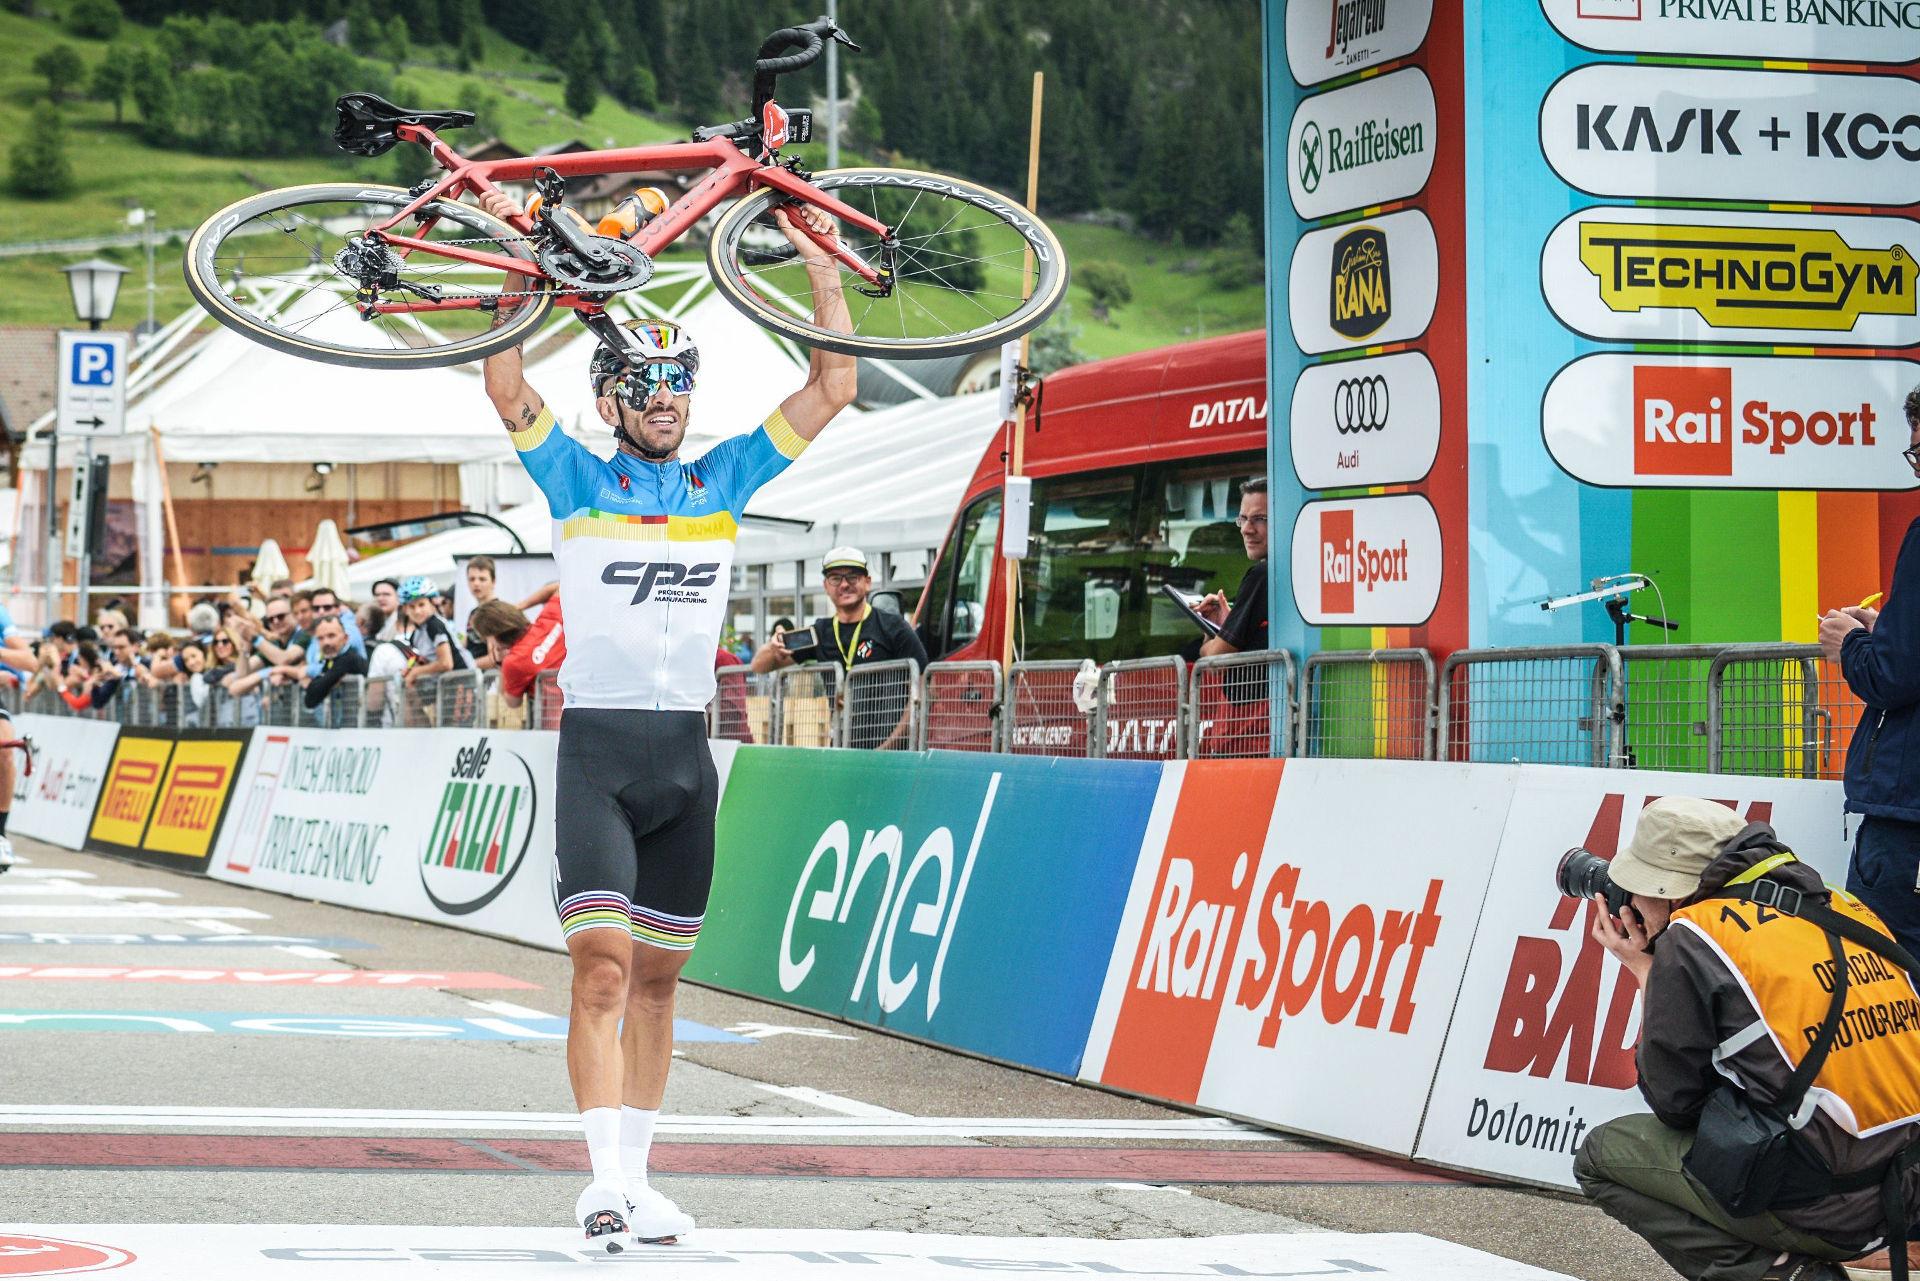 2019 Maratona Dles Dolomites